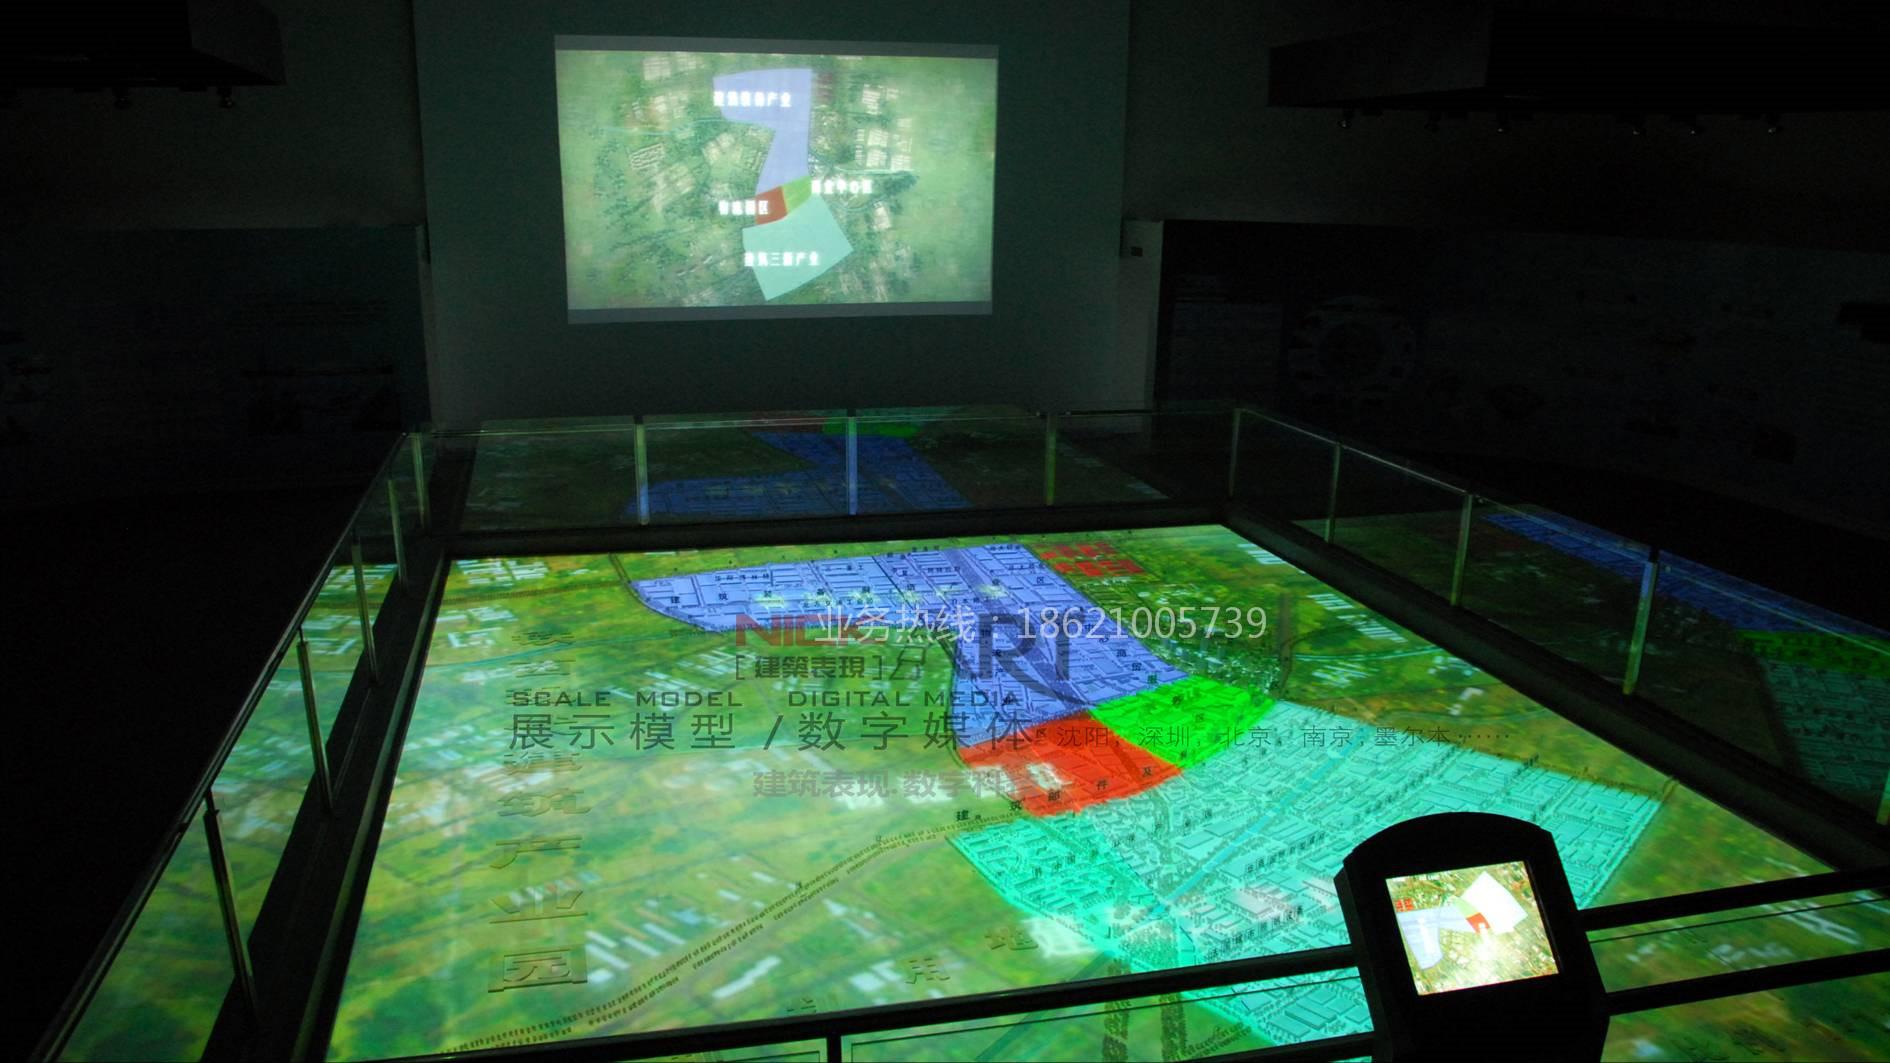 浦东新区数字科技模型哪家好